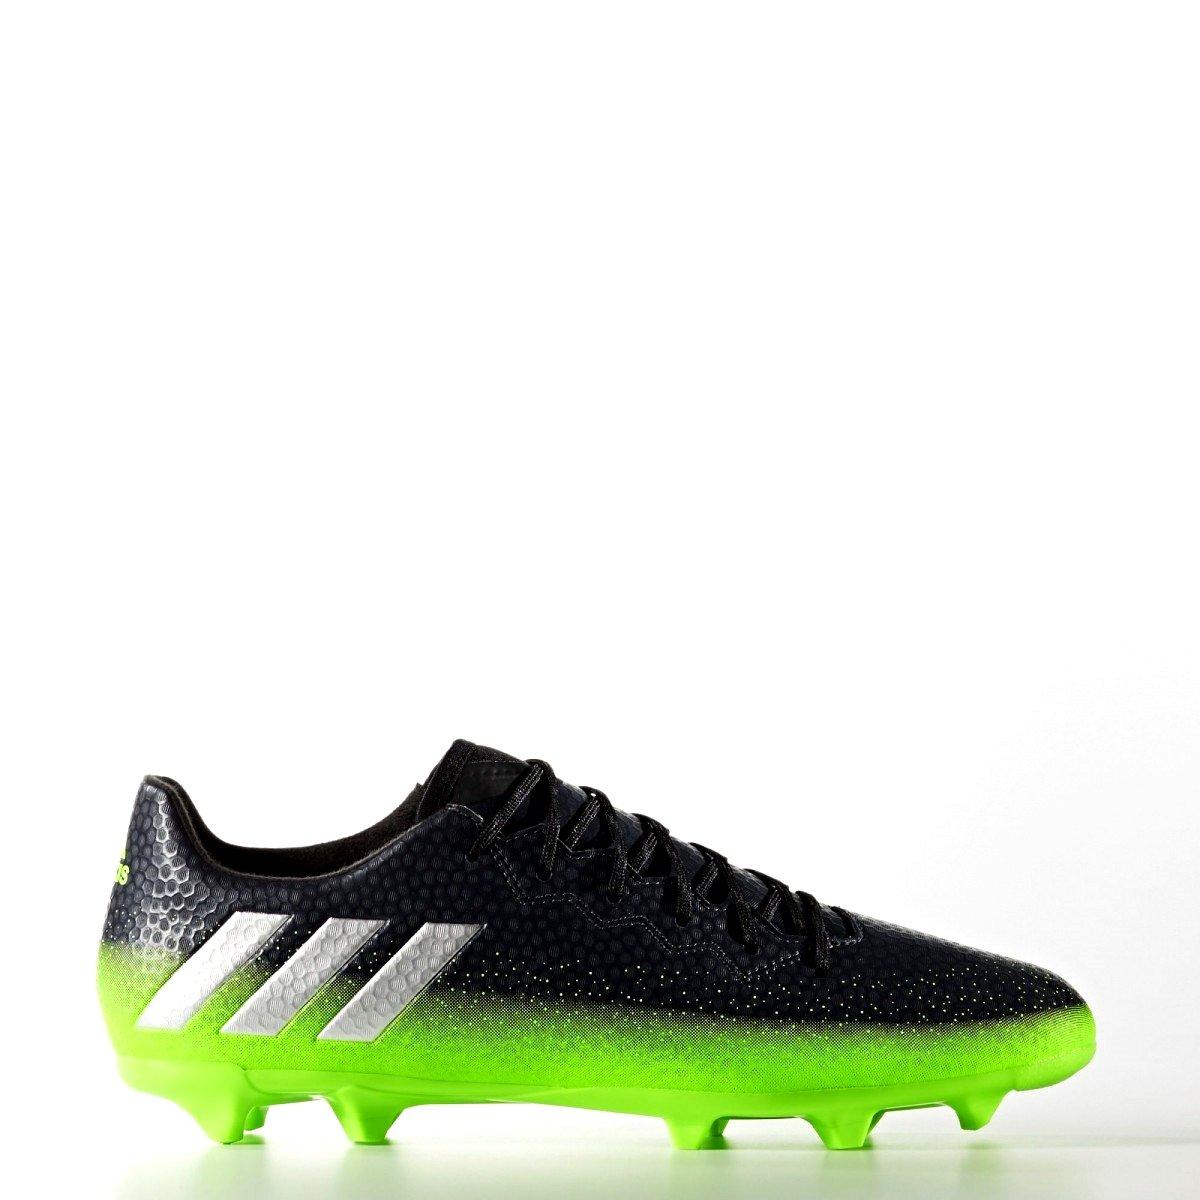 b1ac37713f103 Chuteira Campo Adidas Messi 16.3 FG AQ3519 - Marinho Verde ...